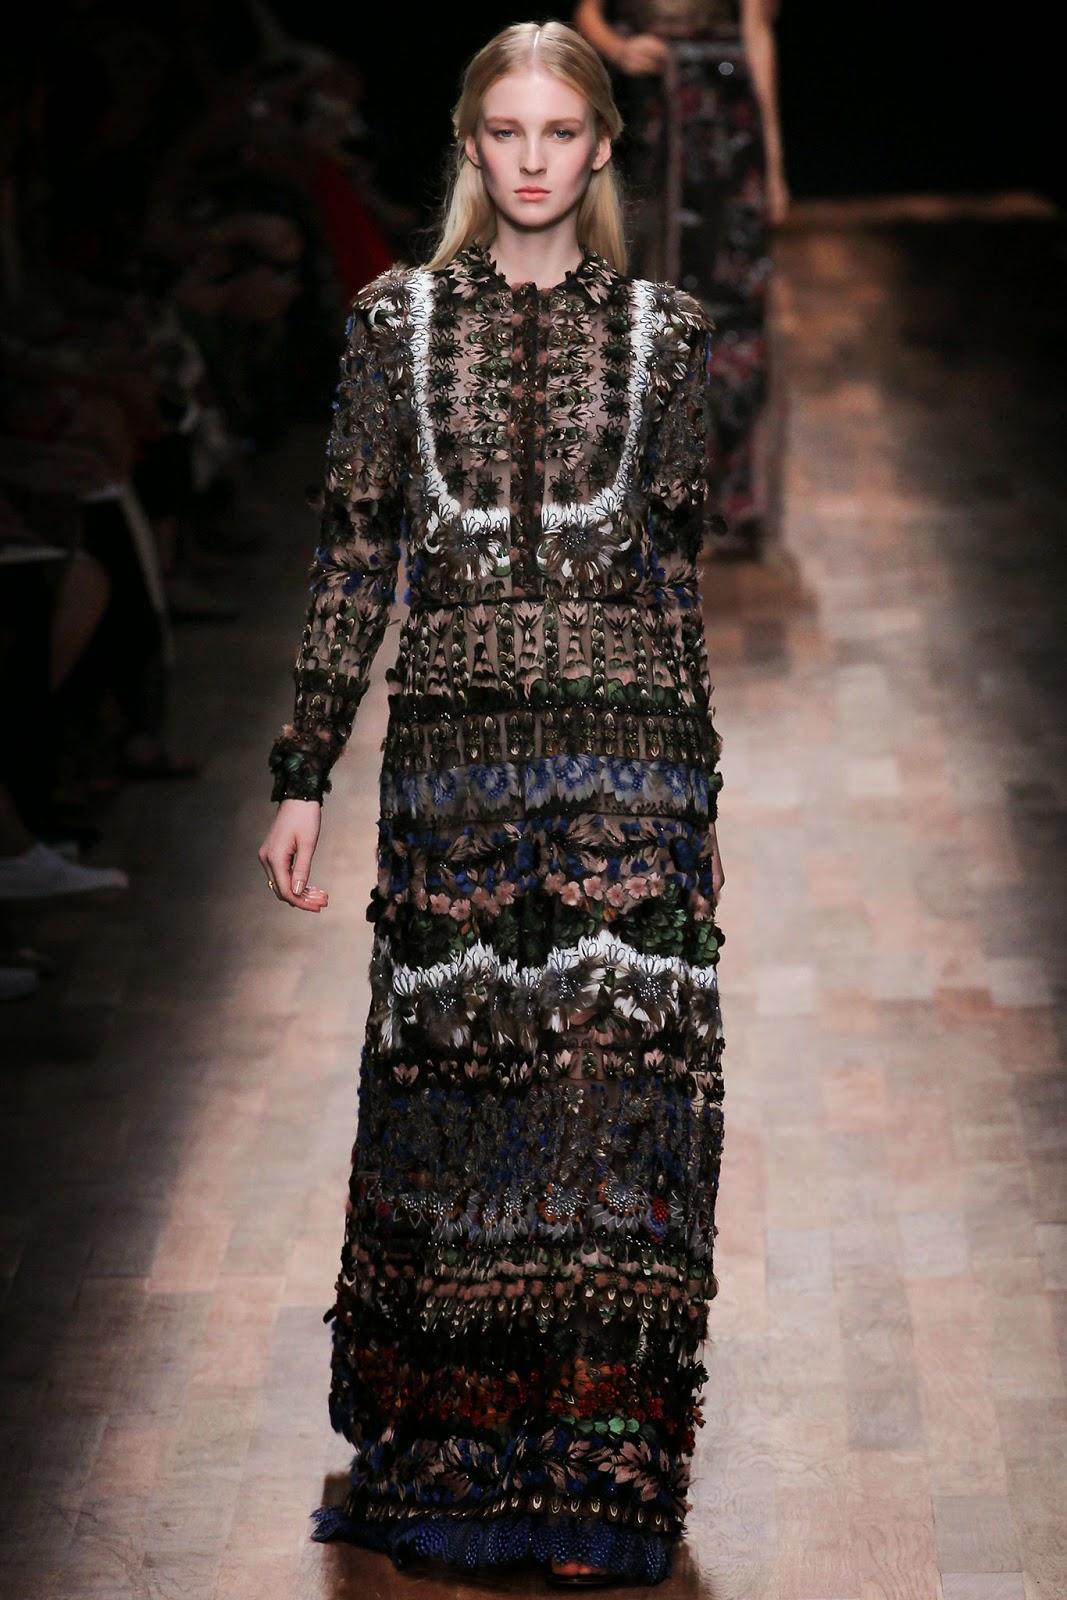 valentino 2015 summer 2016 trend women dress77 Valentino 2015 samling, våren sommaren 2016 Valentino klänning modeller, Valentino kväll klänning nya säsongen kvinnors kjolar modeller